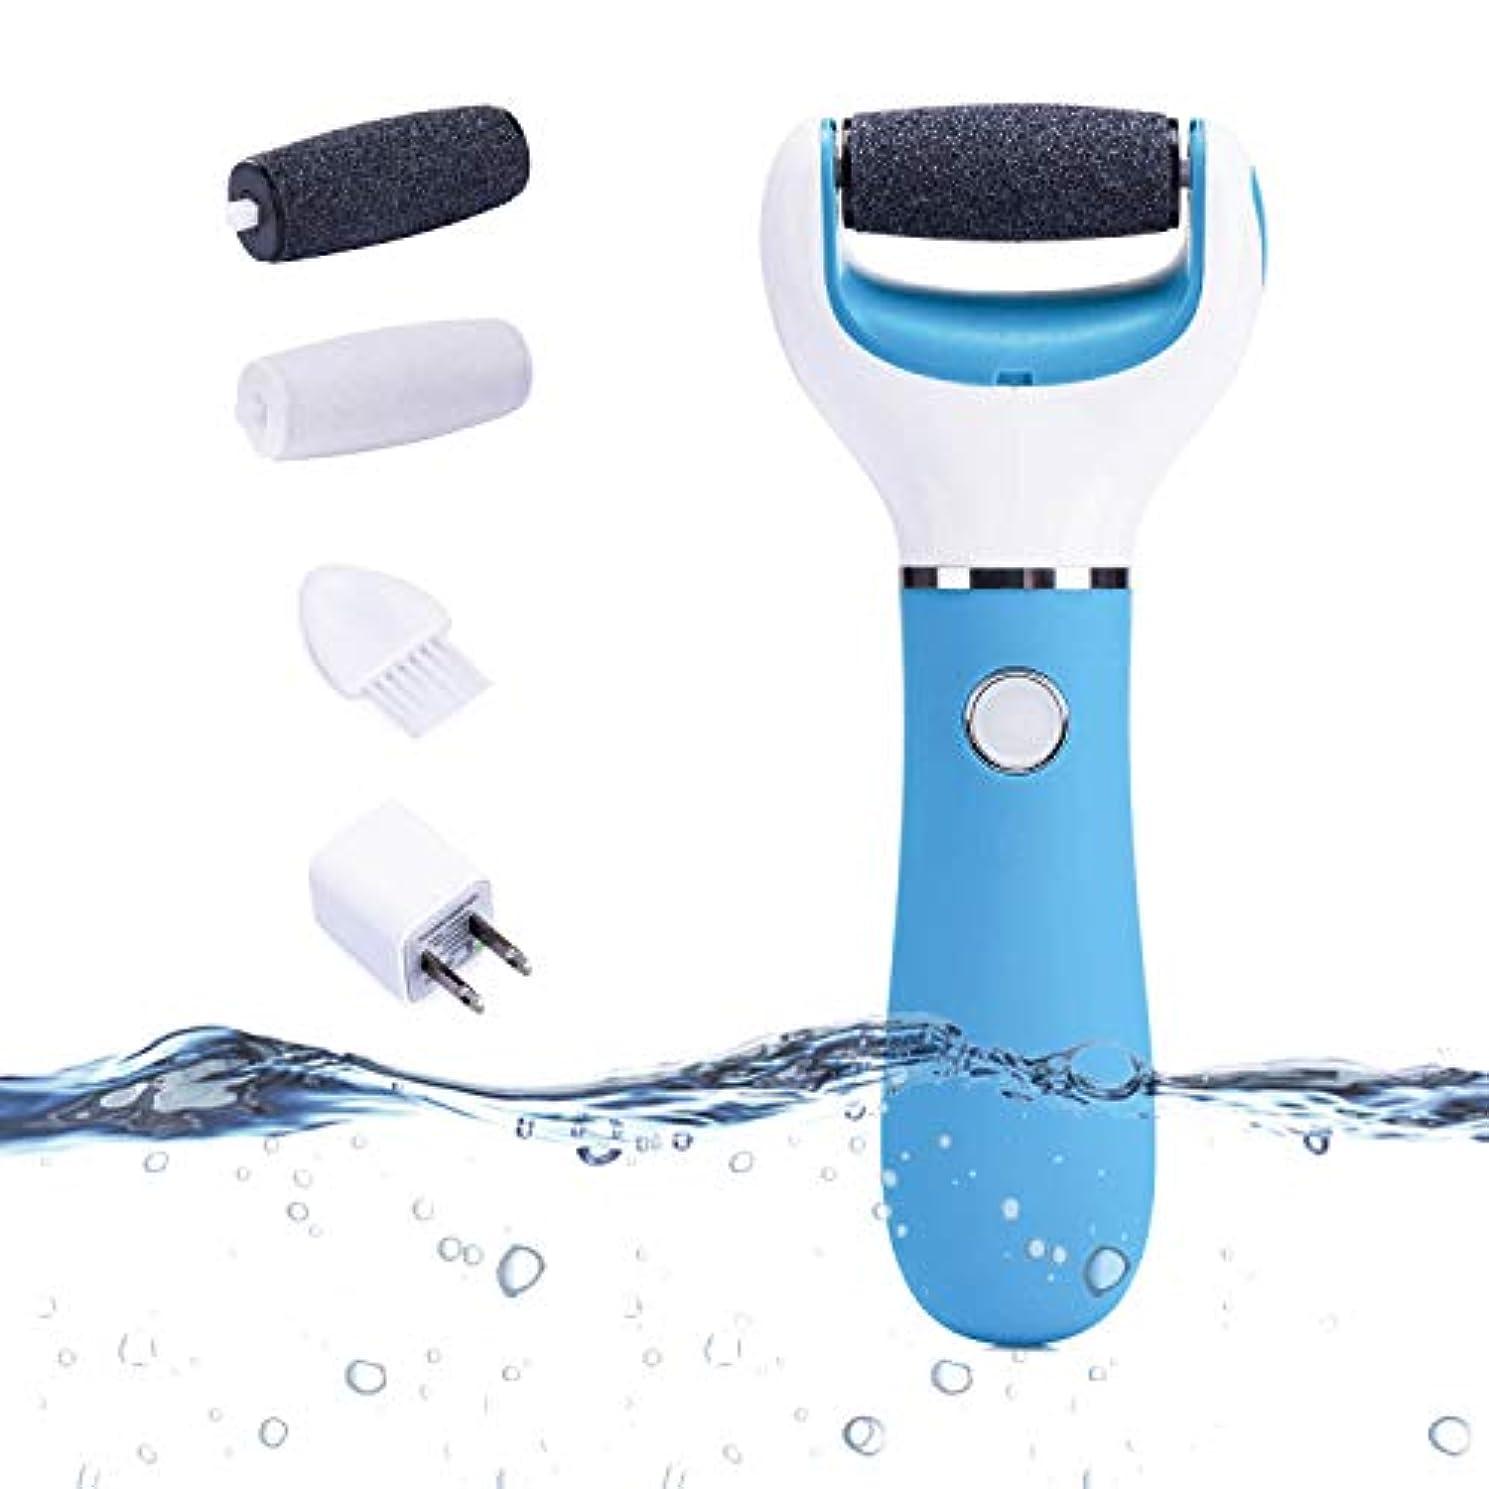 ささやき要件ホイットニーLionWell 電動角質リムーバー USB充電式 防水 足ケア 軽石 角質取り 角質除去 改良版ローラー 粗目/細目 2つ付き 快速/低速モード 爪磨き機能 水洗い可能 フットケア (ブルー?強化型)